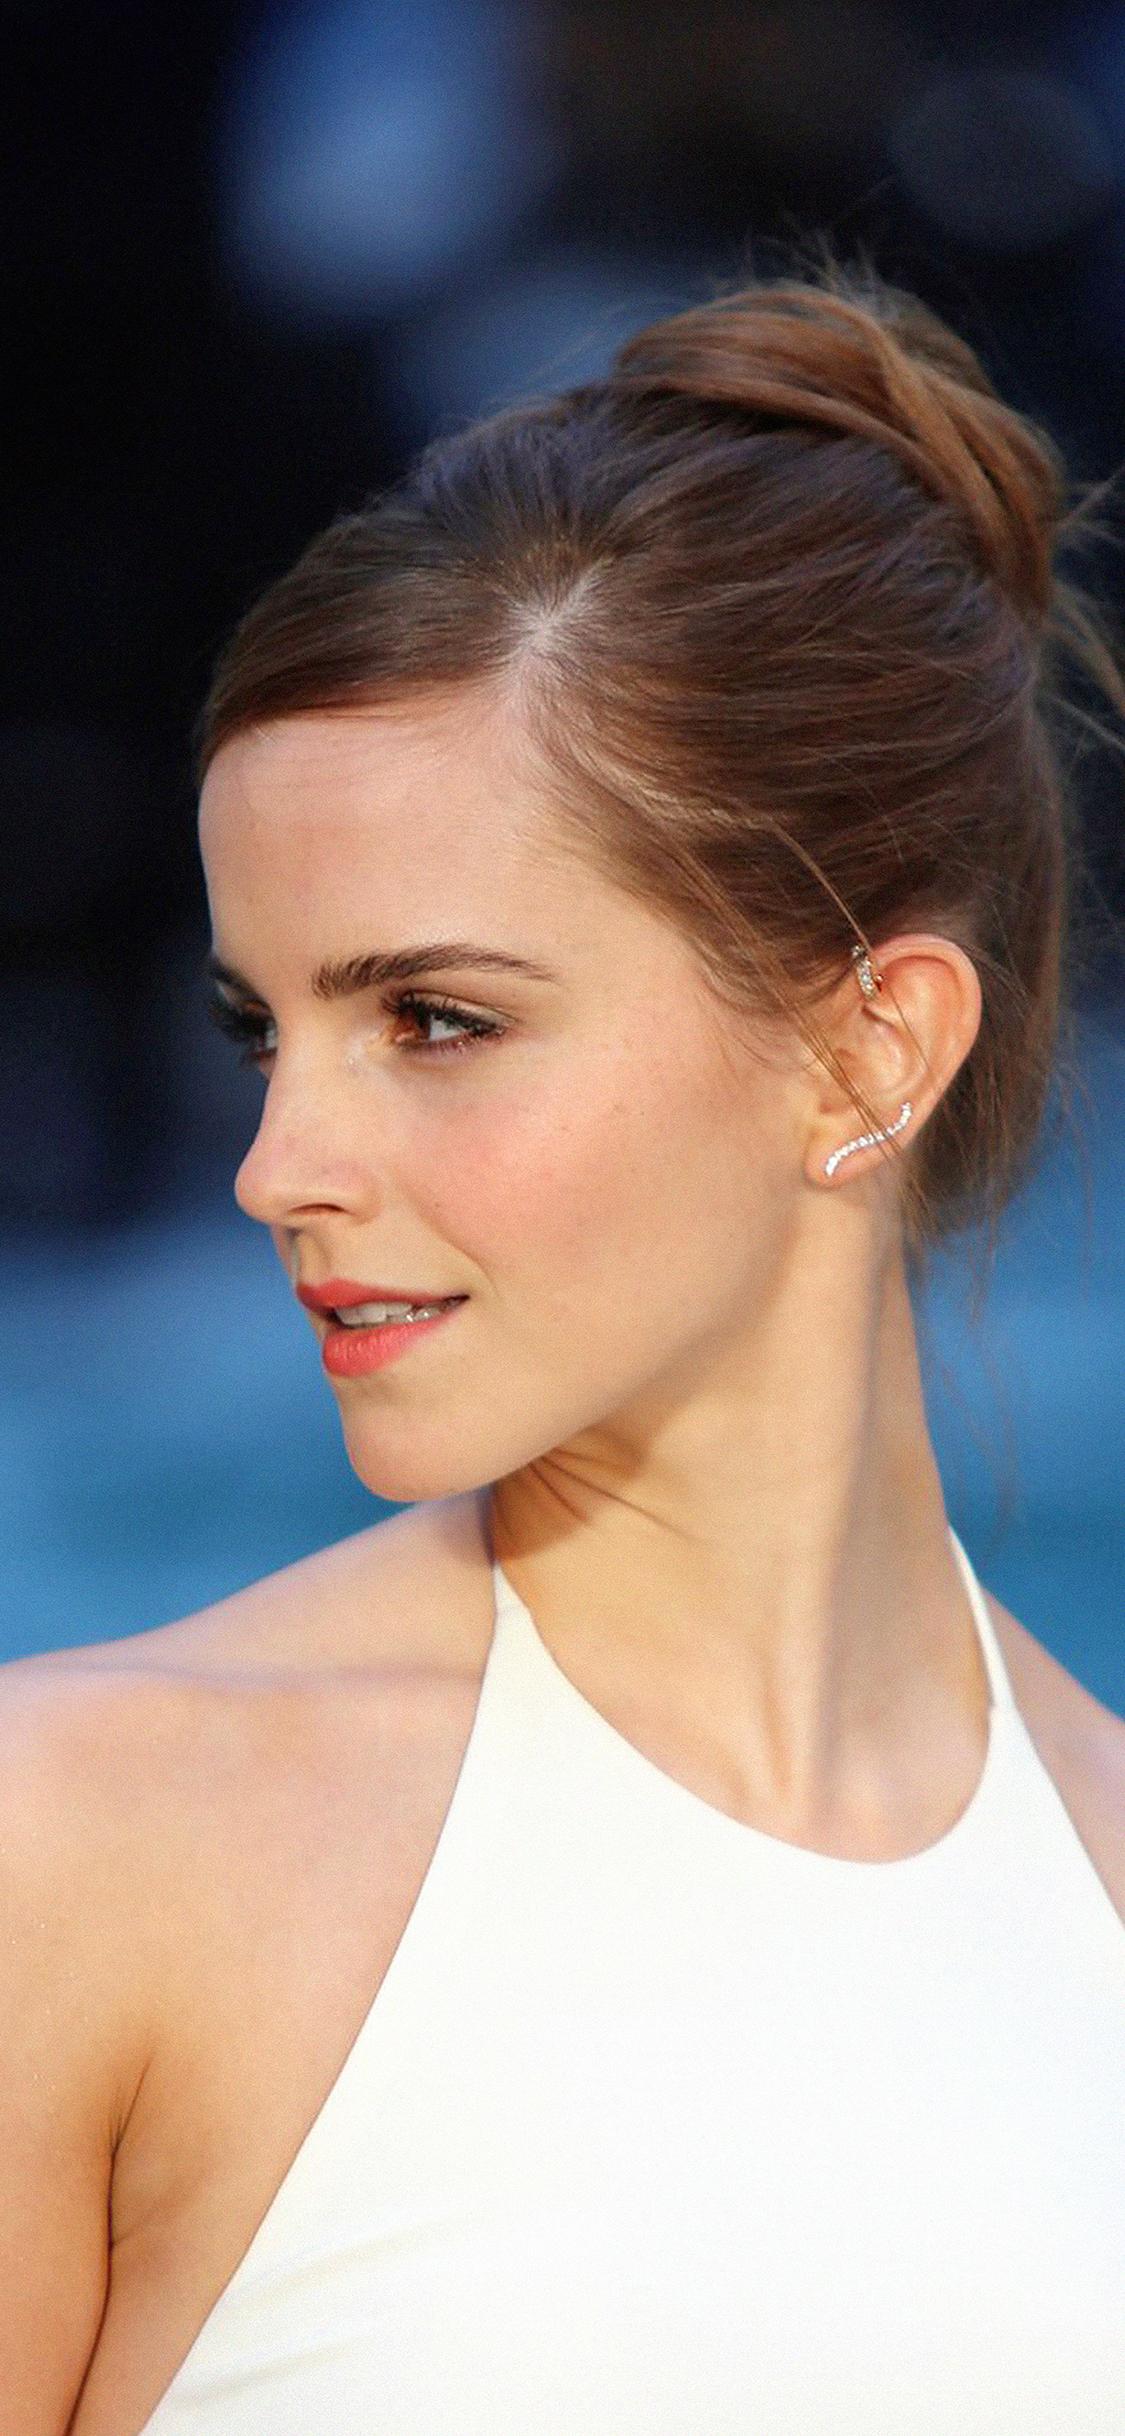 828 X 1792 Iphone Xr Wallpaper Hd For 93 Emma Watson - Emma Watson , HD Wallpaper & Backgrounds